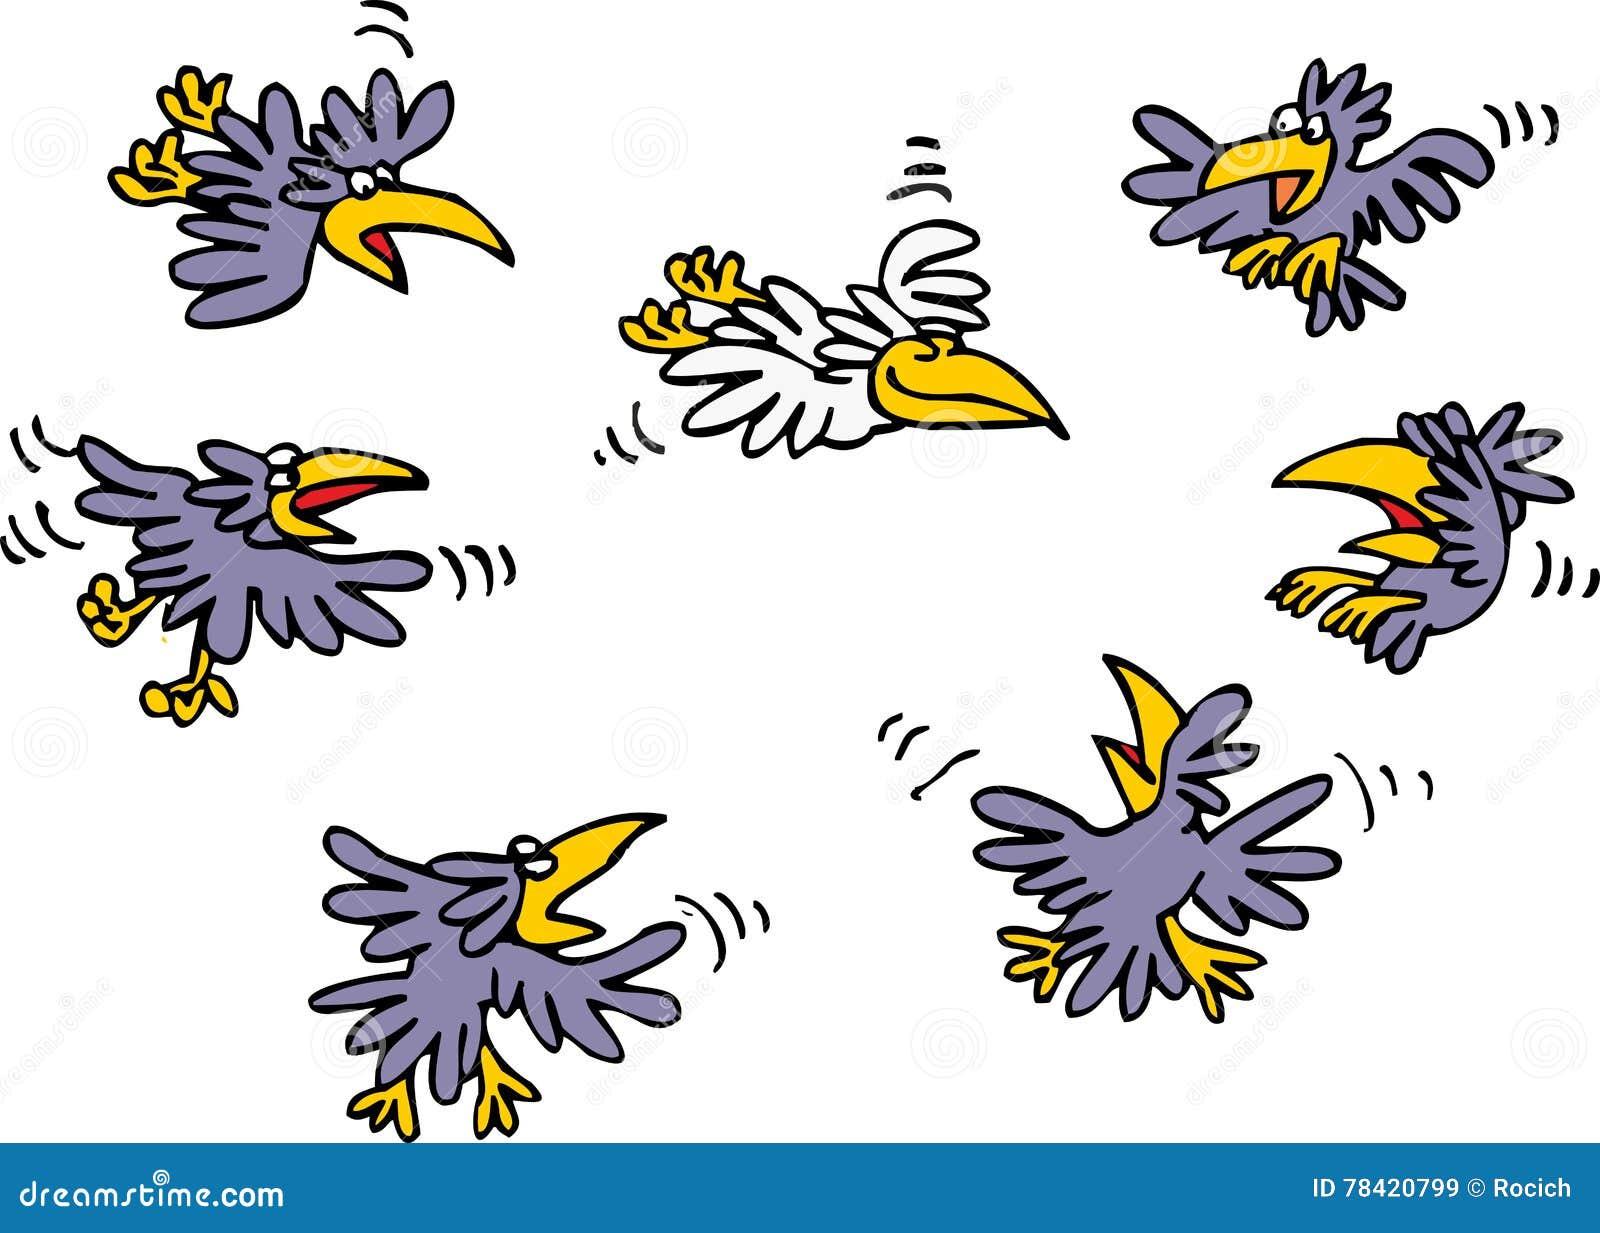 Många svartgalanden och endast vit galande